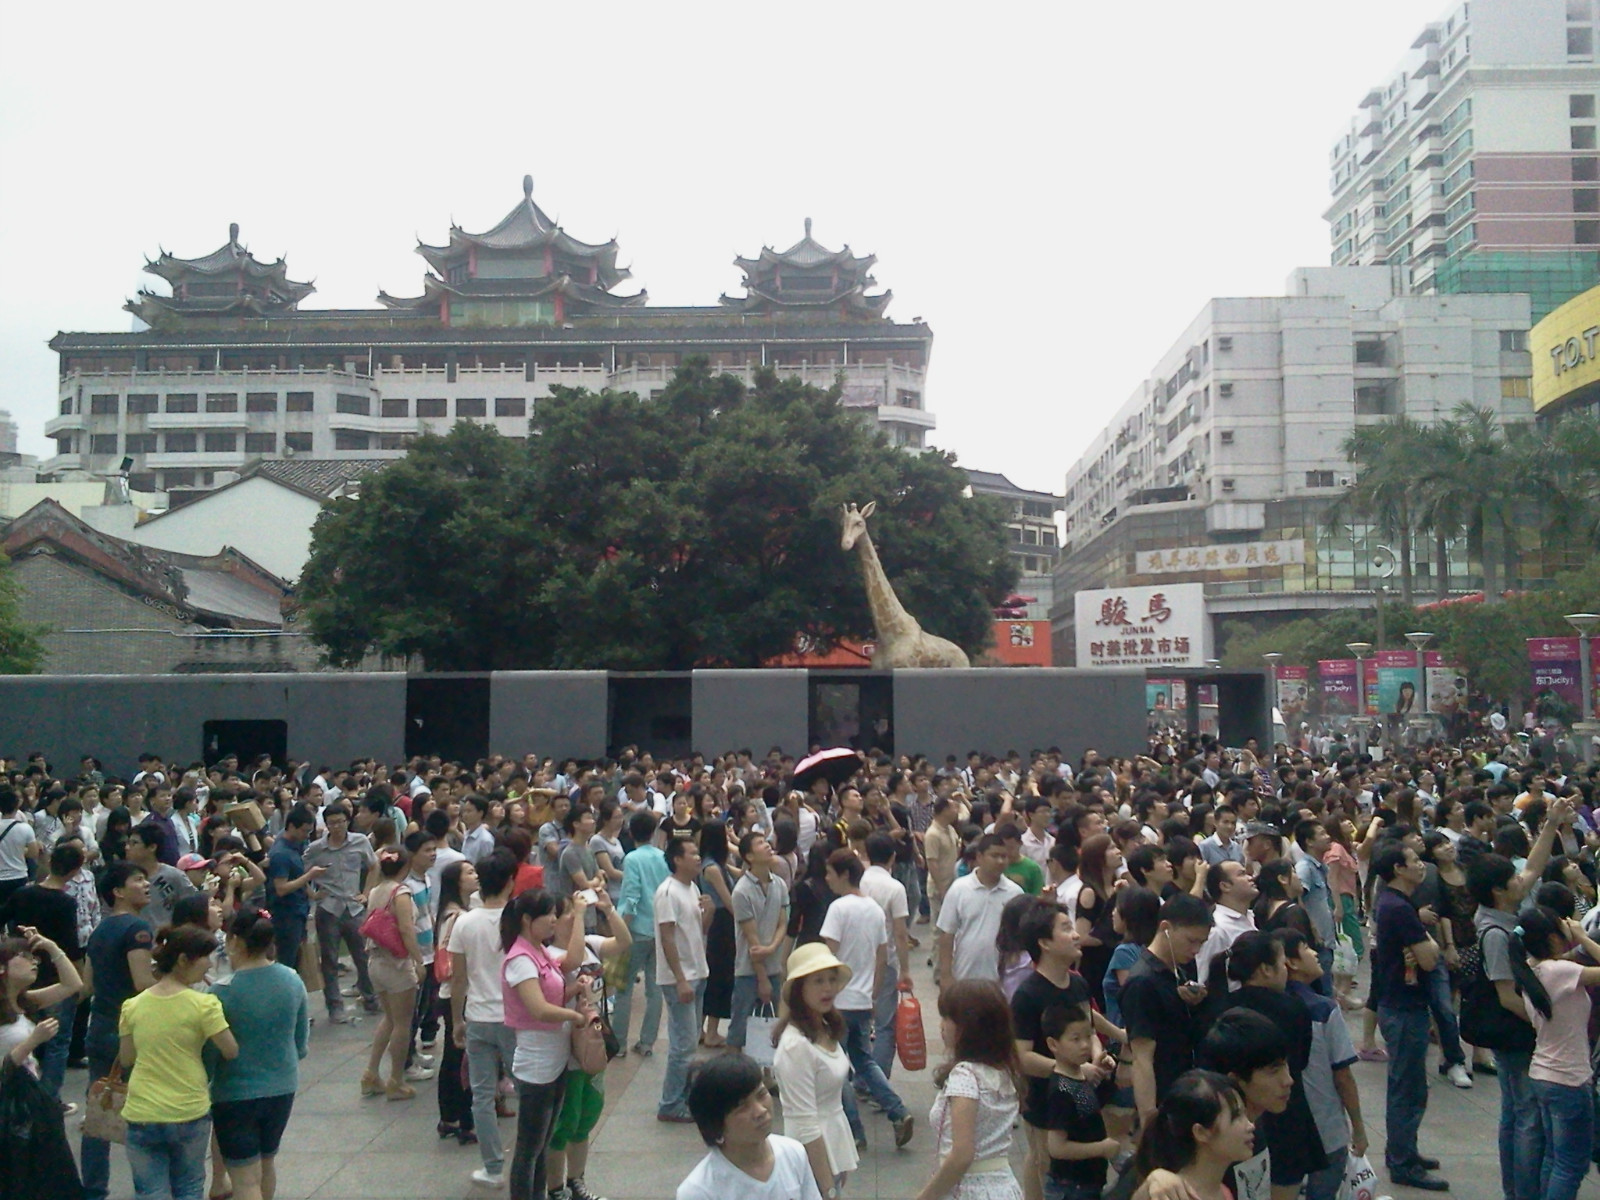 深圳旅行景点 东门